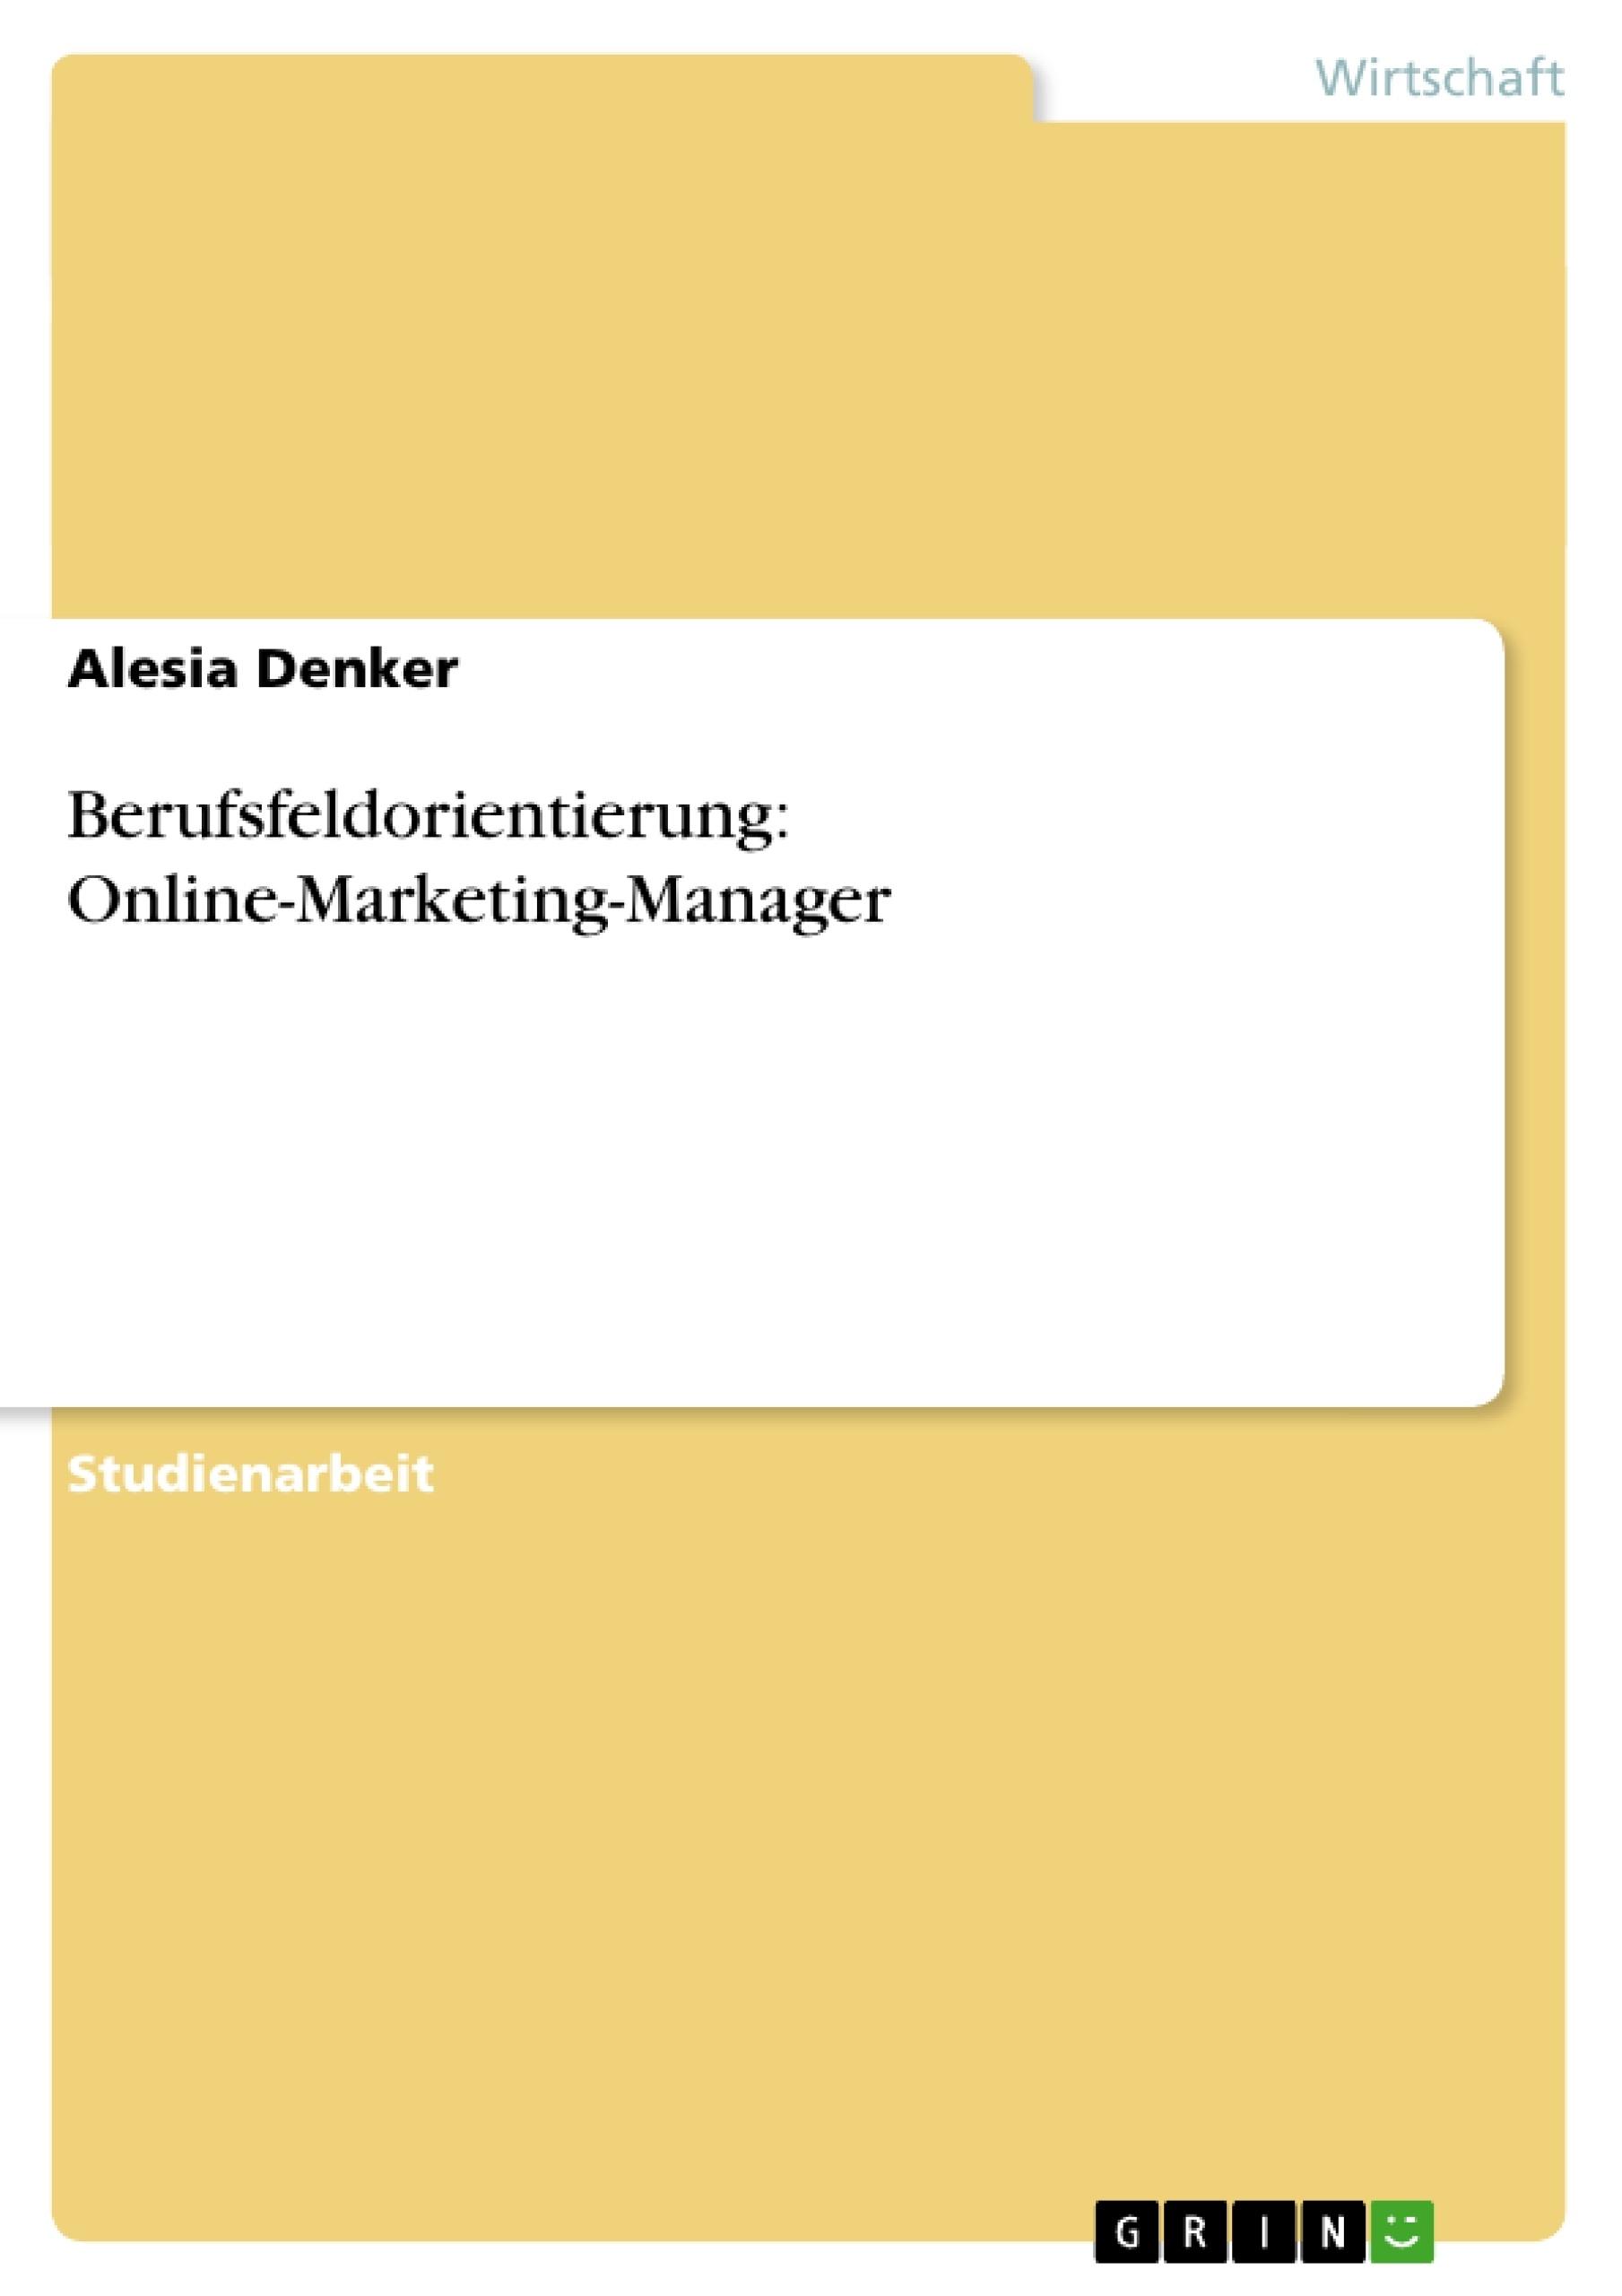 Titel: Berufsfeldorientierung: Online-Marketing-Manager